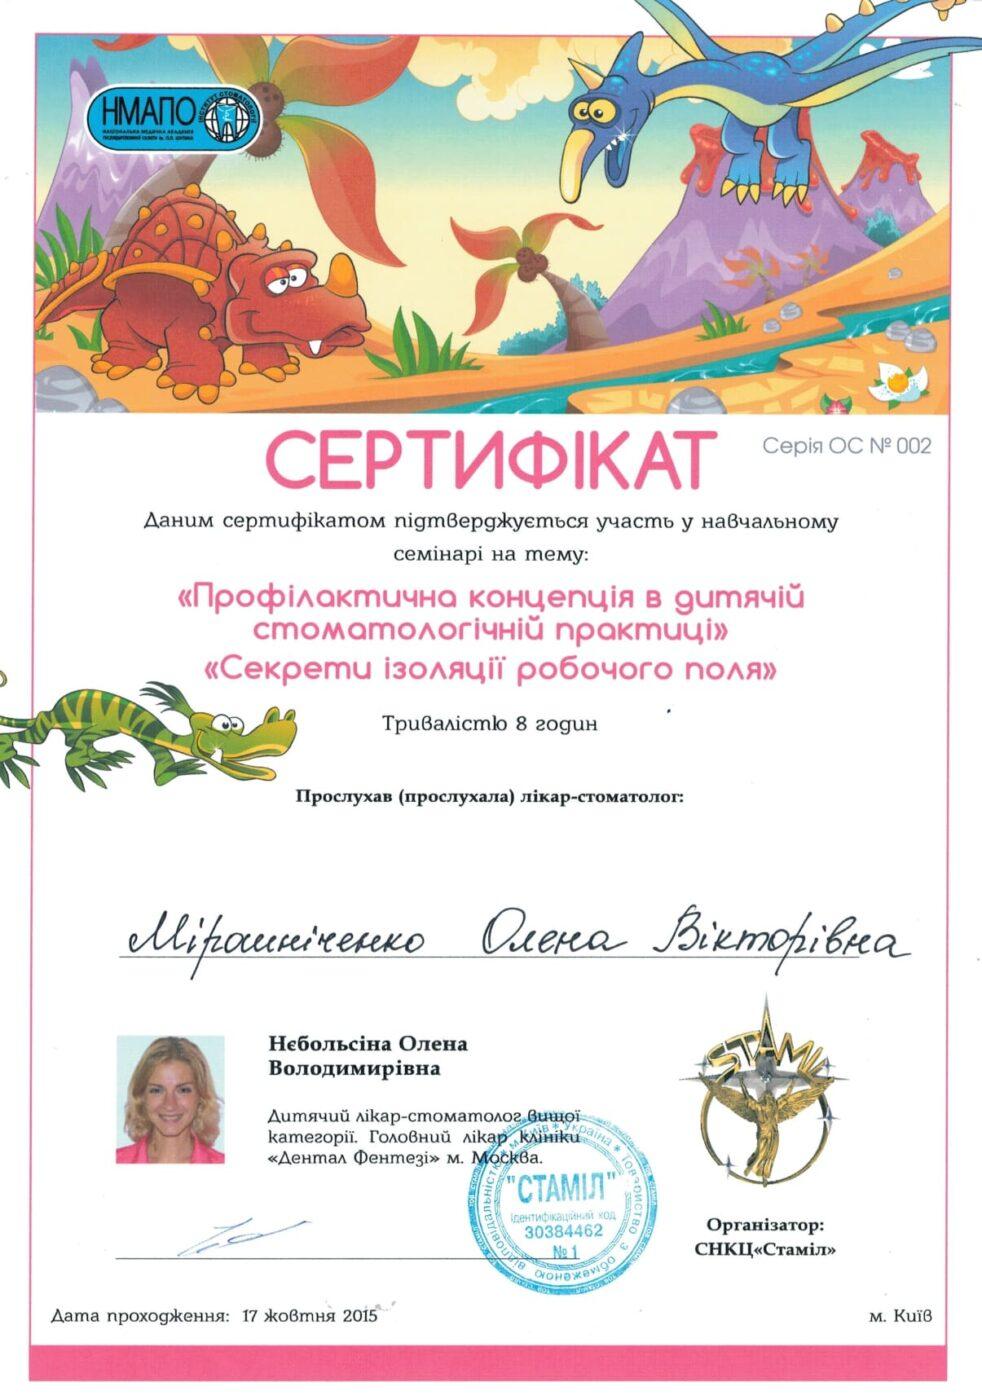 Сертифікат дитячого лікаря стоматолога Мірошниченко Олени Вікторівни об участі у семінарі (Профілактично концепція в дитячій стоматологічній практиці)